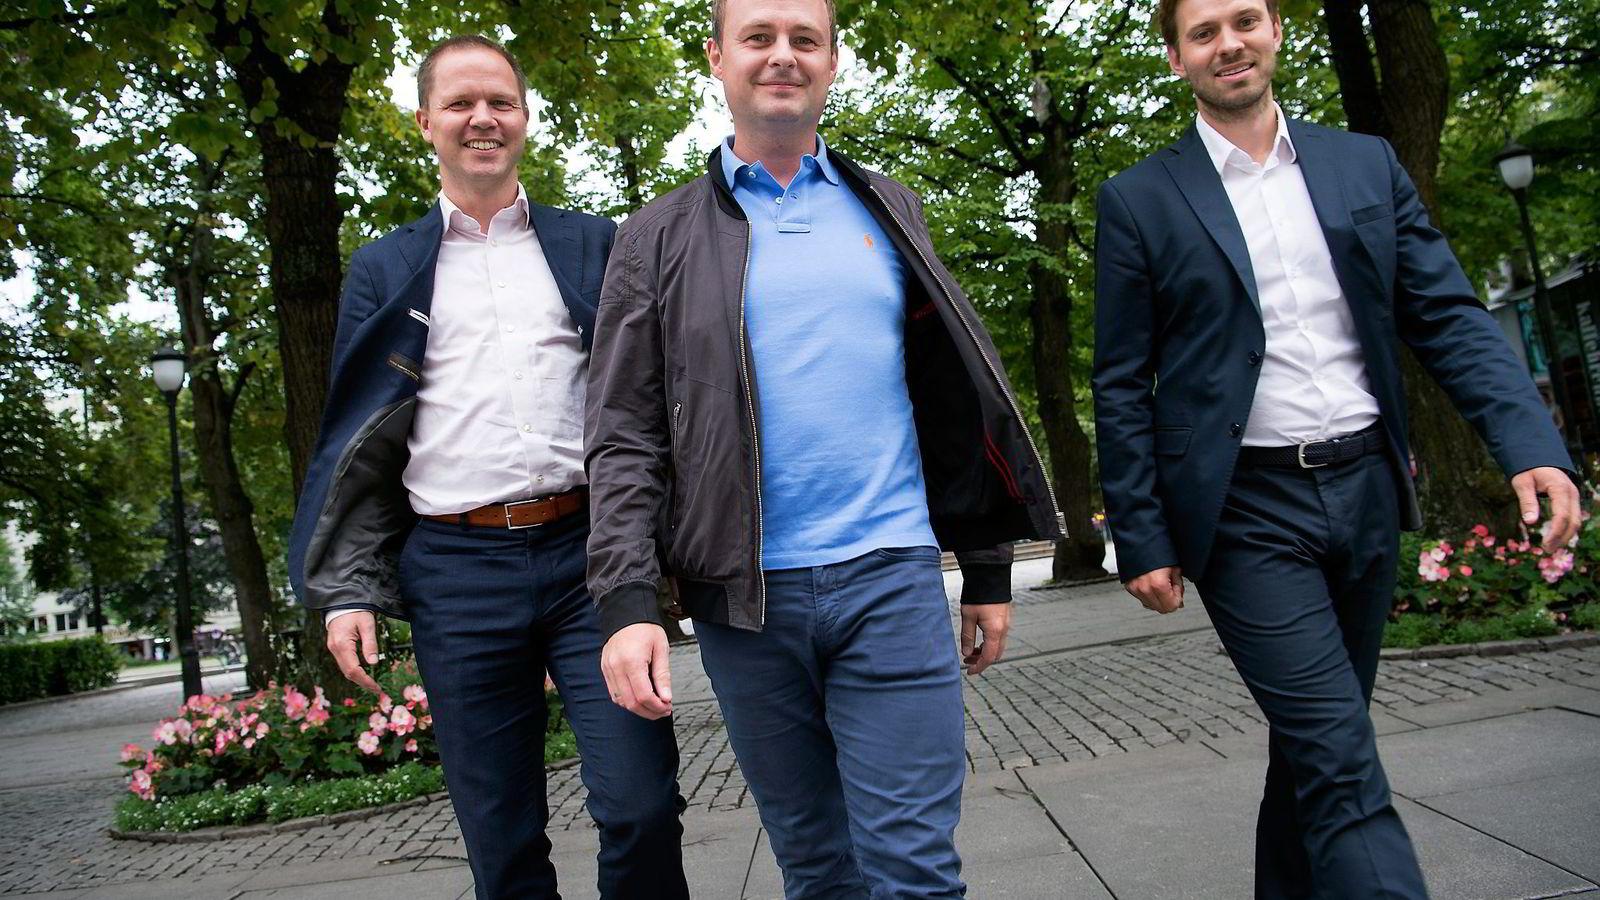 Har du en god venn, men ønsker å ta det et steg videre? Da kan dere bli forsikringsvenner, håper selskapet Tribe. Magne Uppman fra Snö Ventures (i midten) er investor og første kunde hos gründerne Rune Brunborg (til venstre) og Henrik Nygård Sjølie.